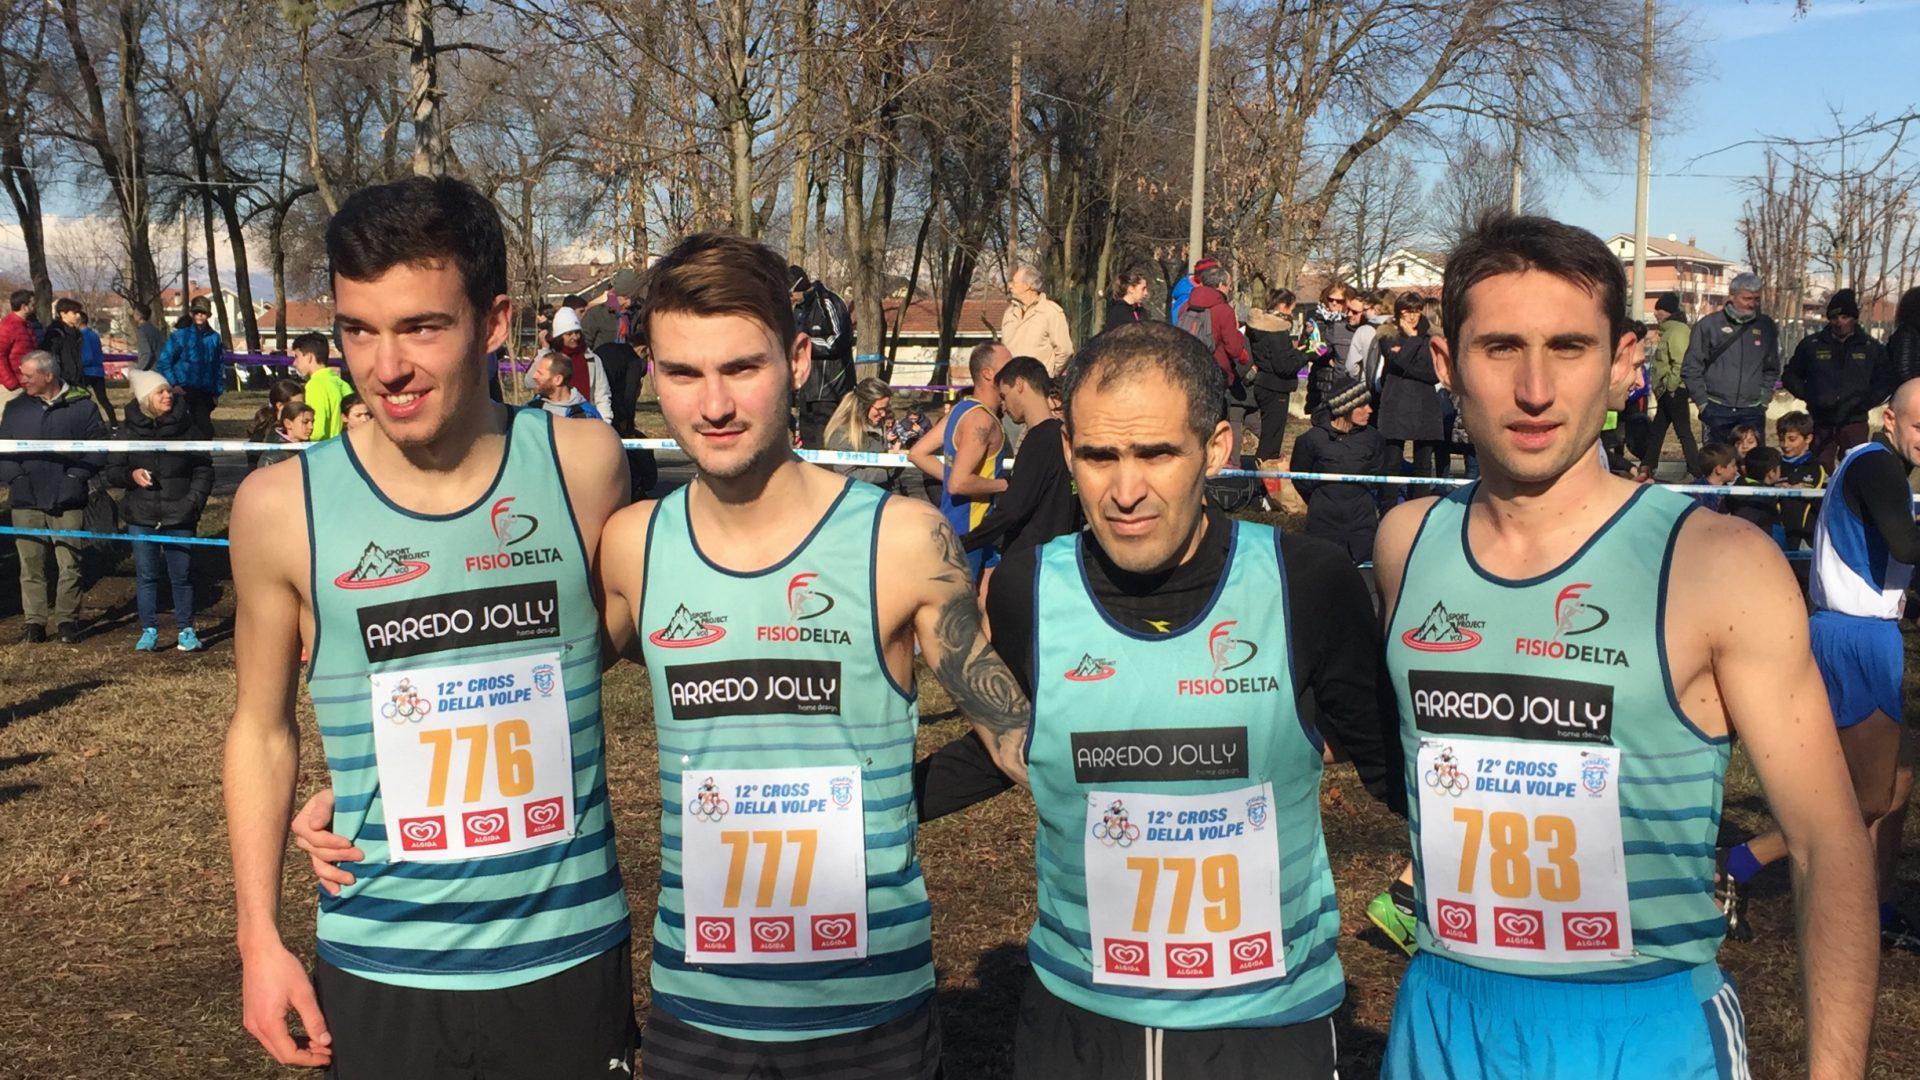 Ipotecata la qualificazione ai Campionati Italiani di Corsa campestre di Gubbio